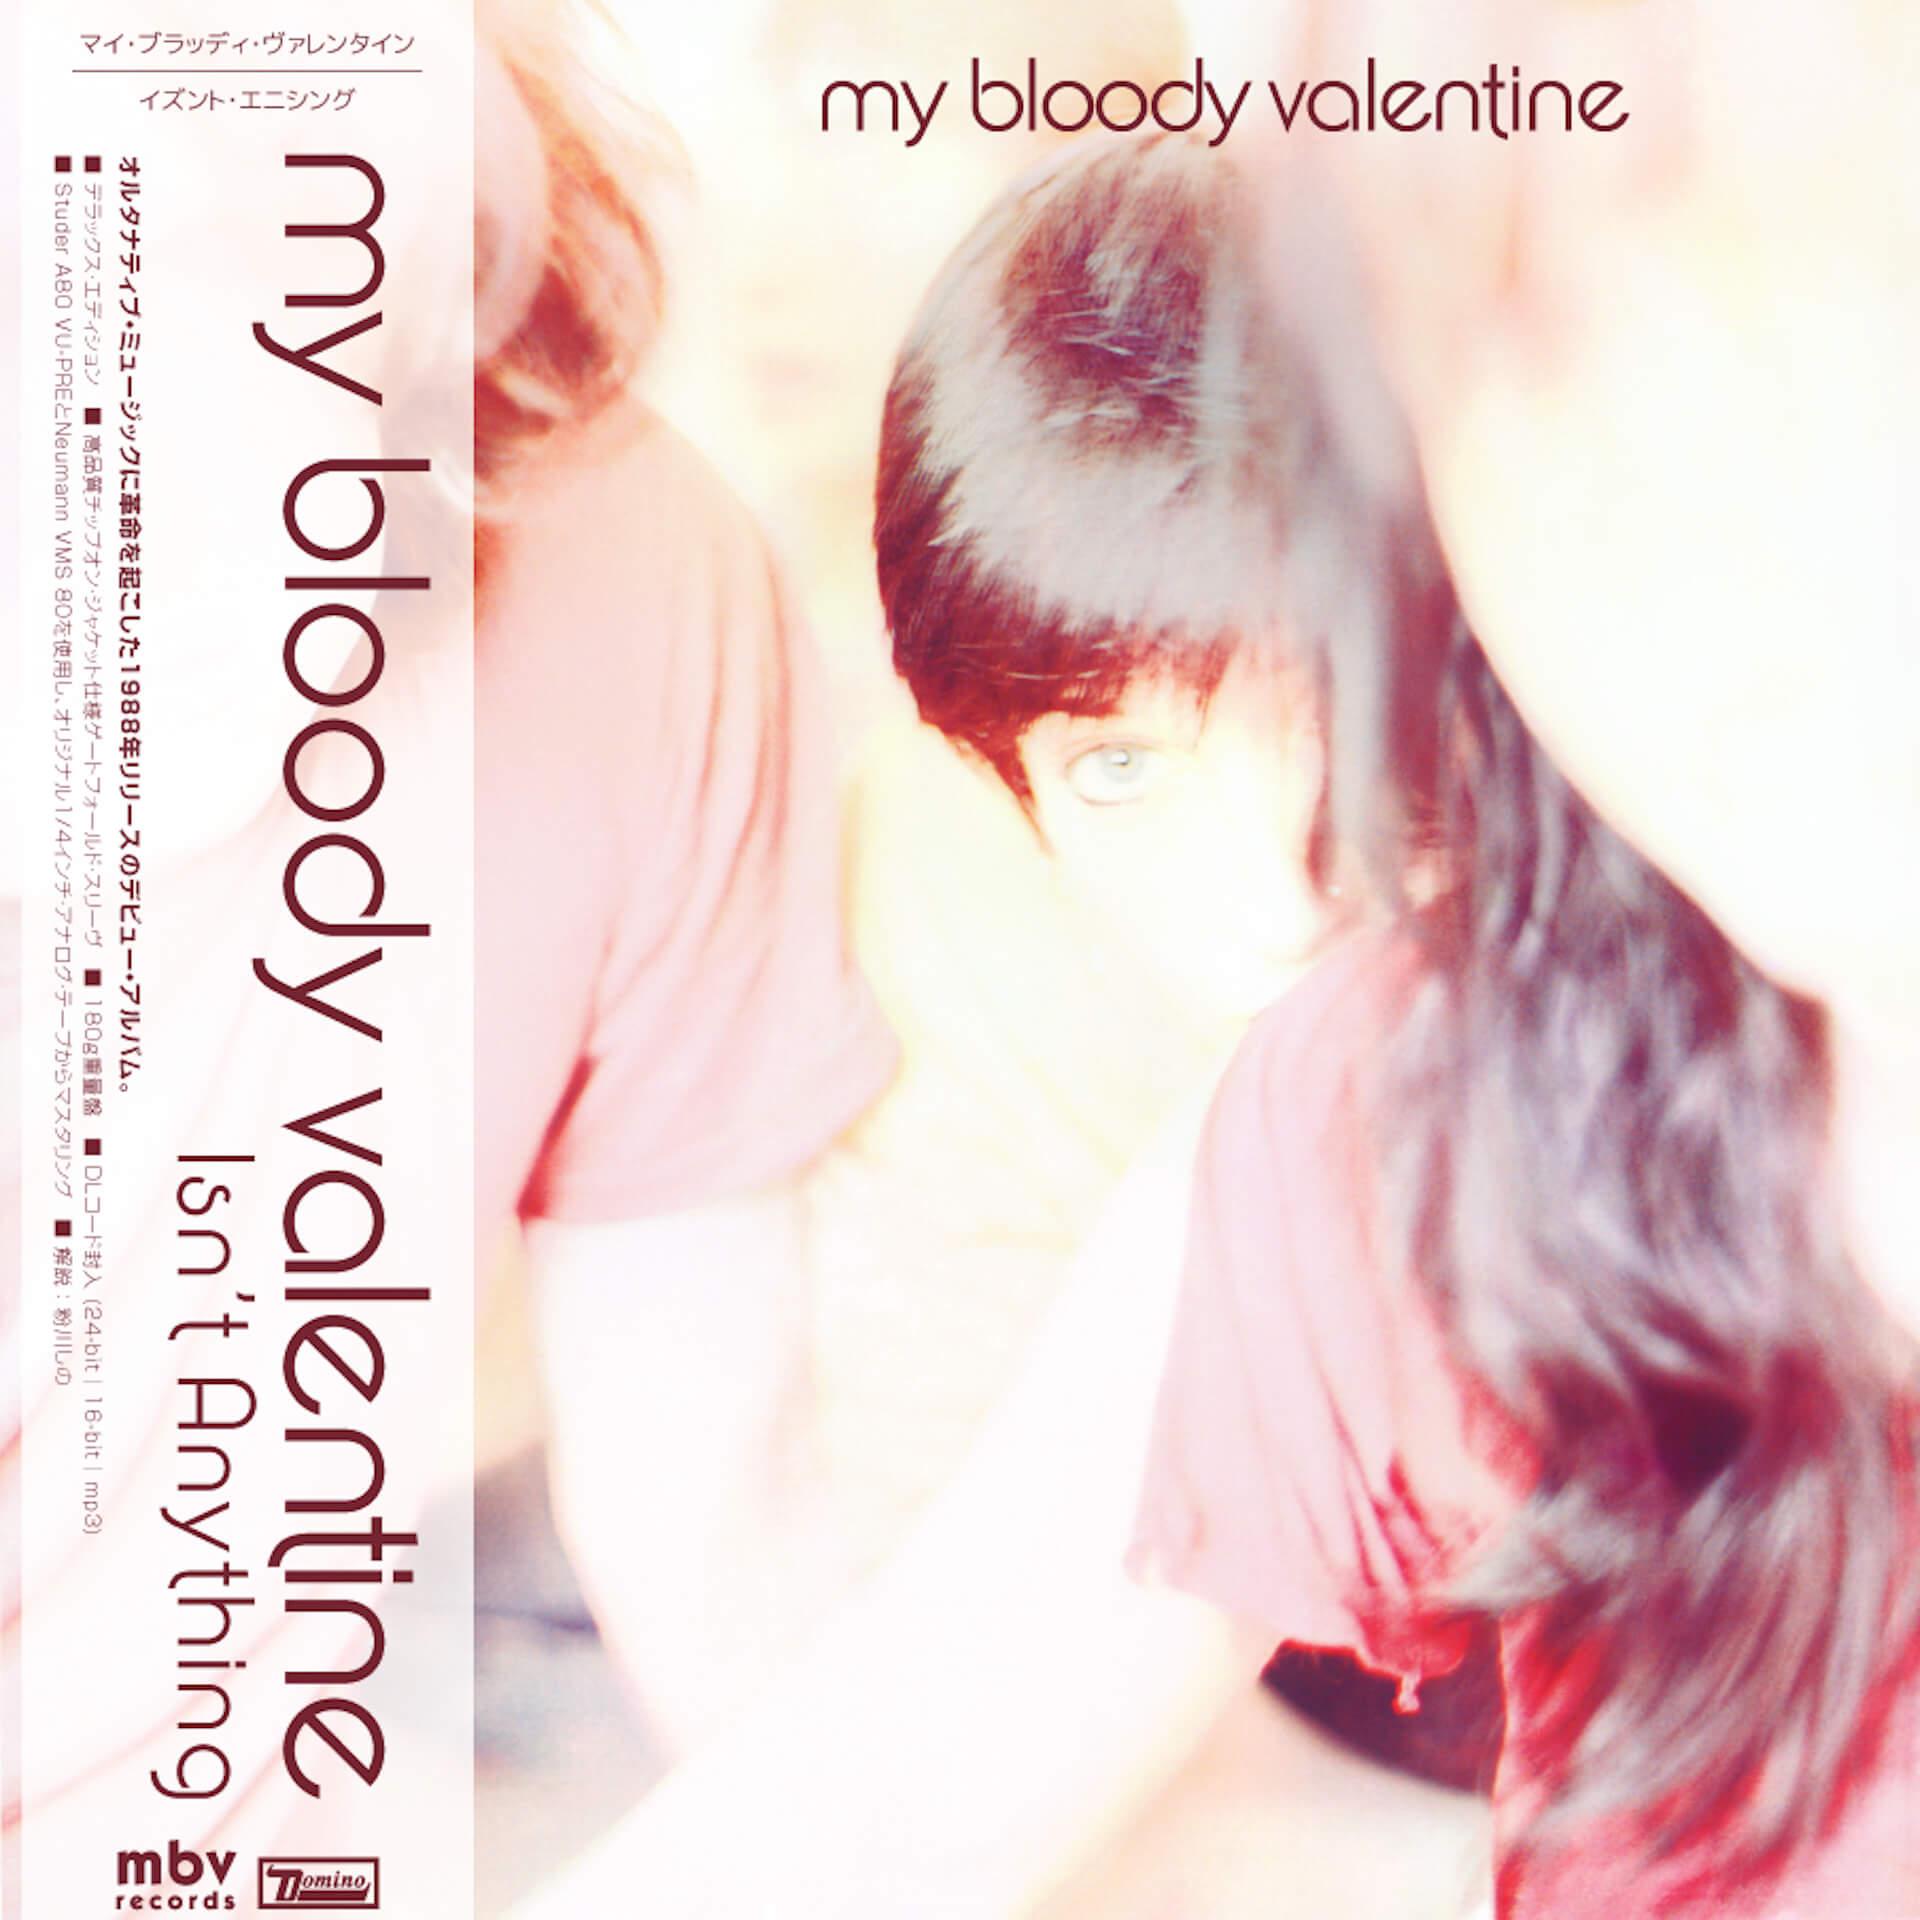 待望のサブスク解禁で話題のMy Bloody Valentineが英ラジオ局にて特別放送をキュレーション!5月には新装盤CDとLPの再発も music210413_mybloodyvalentine-210413_17